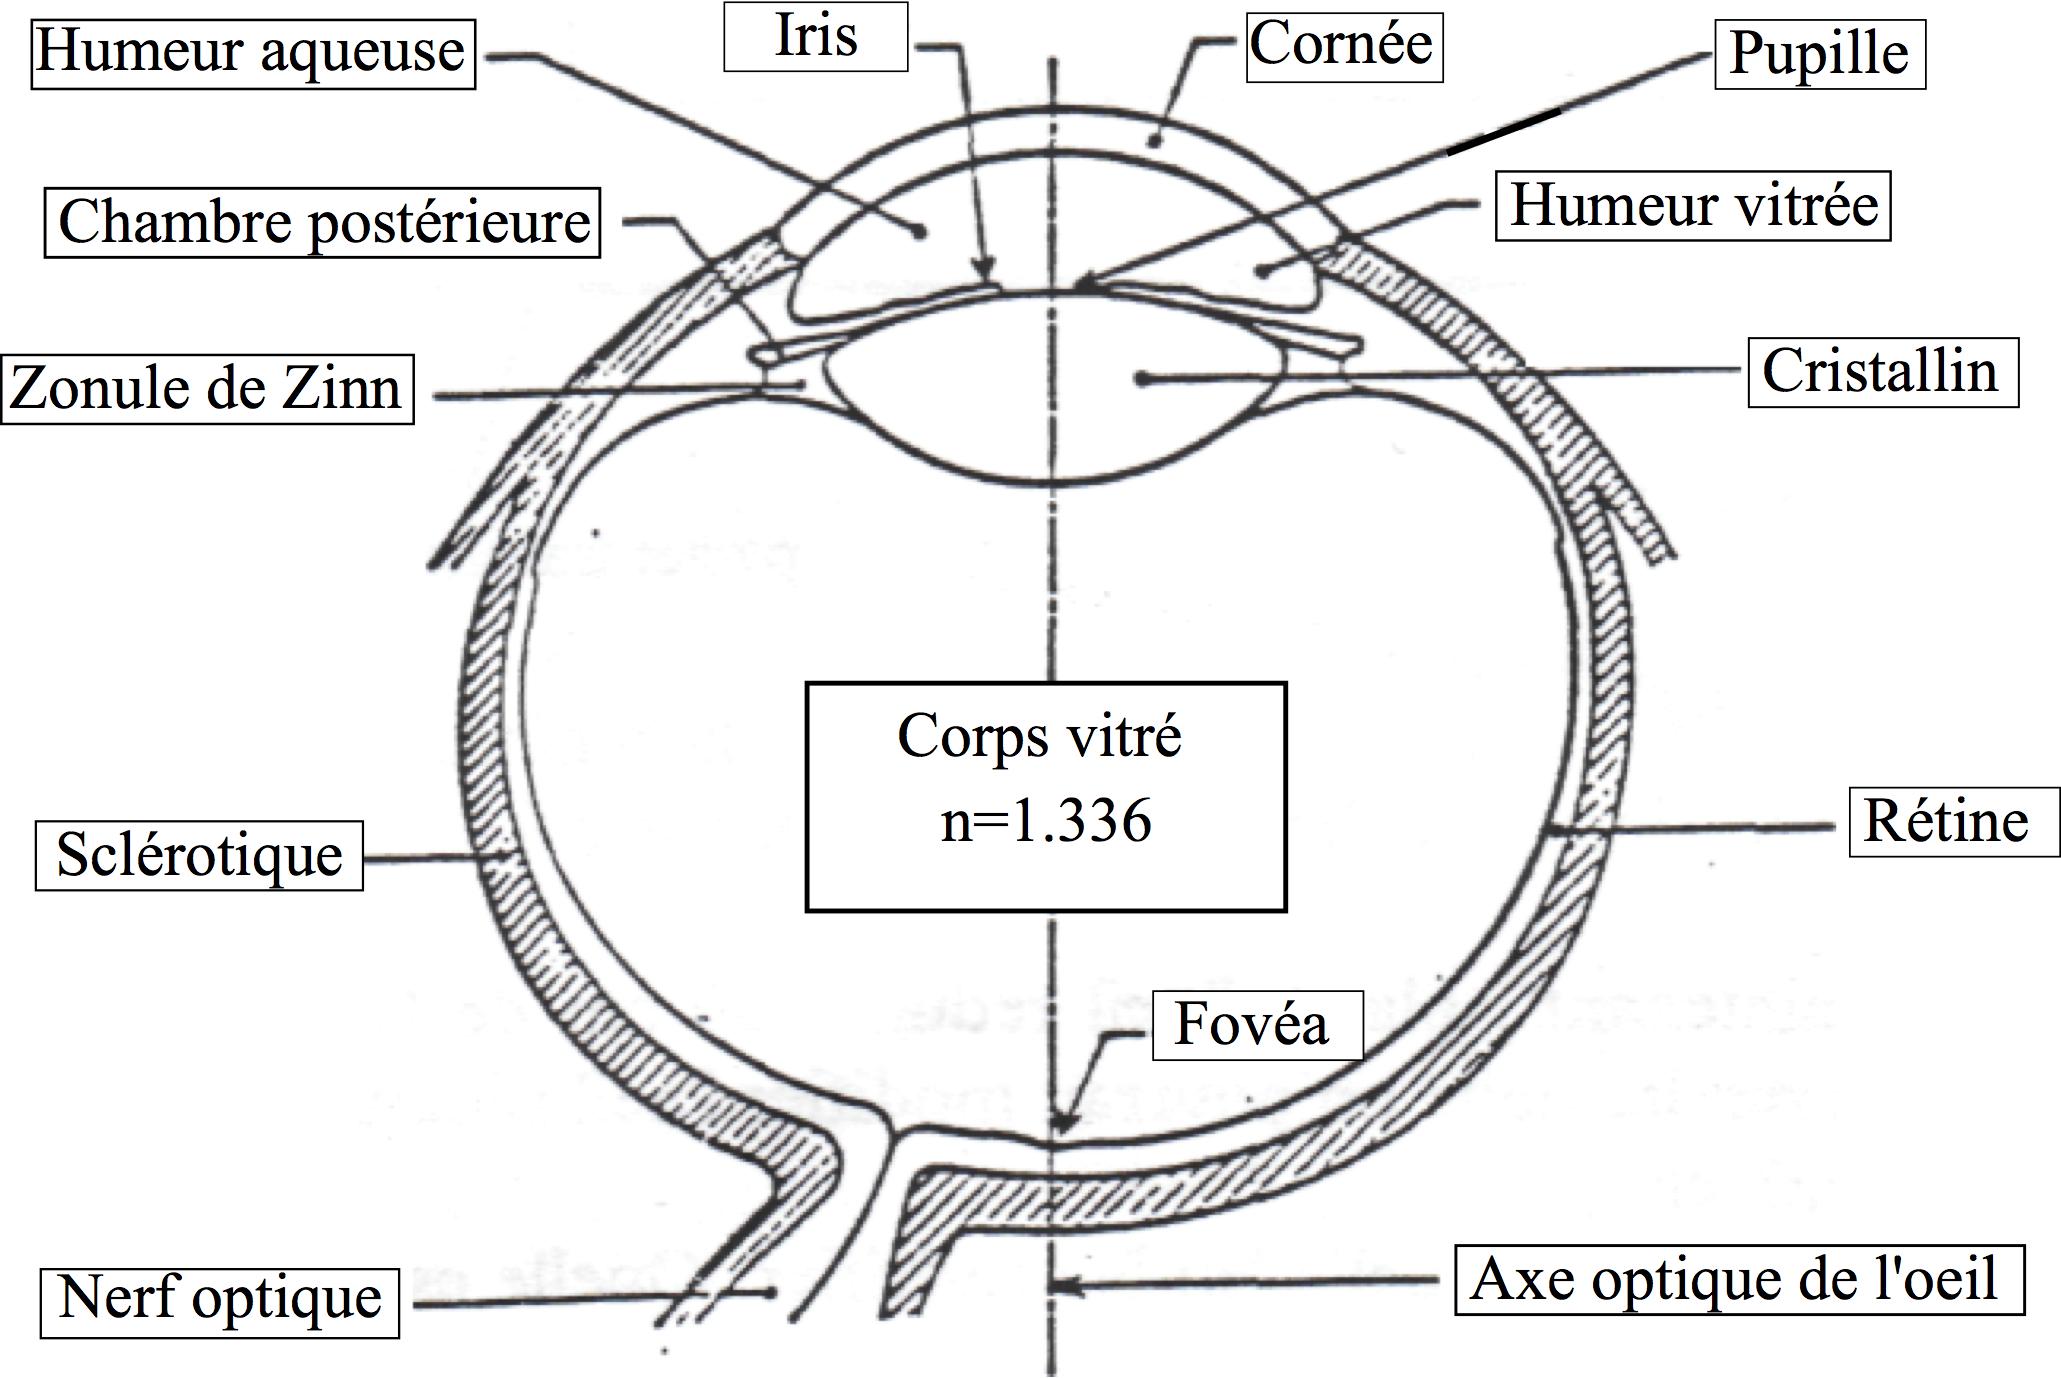 Physagreg   cours d optique   cours 4   quelques instruments d optique 075b3329f004